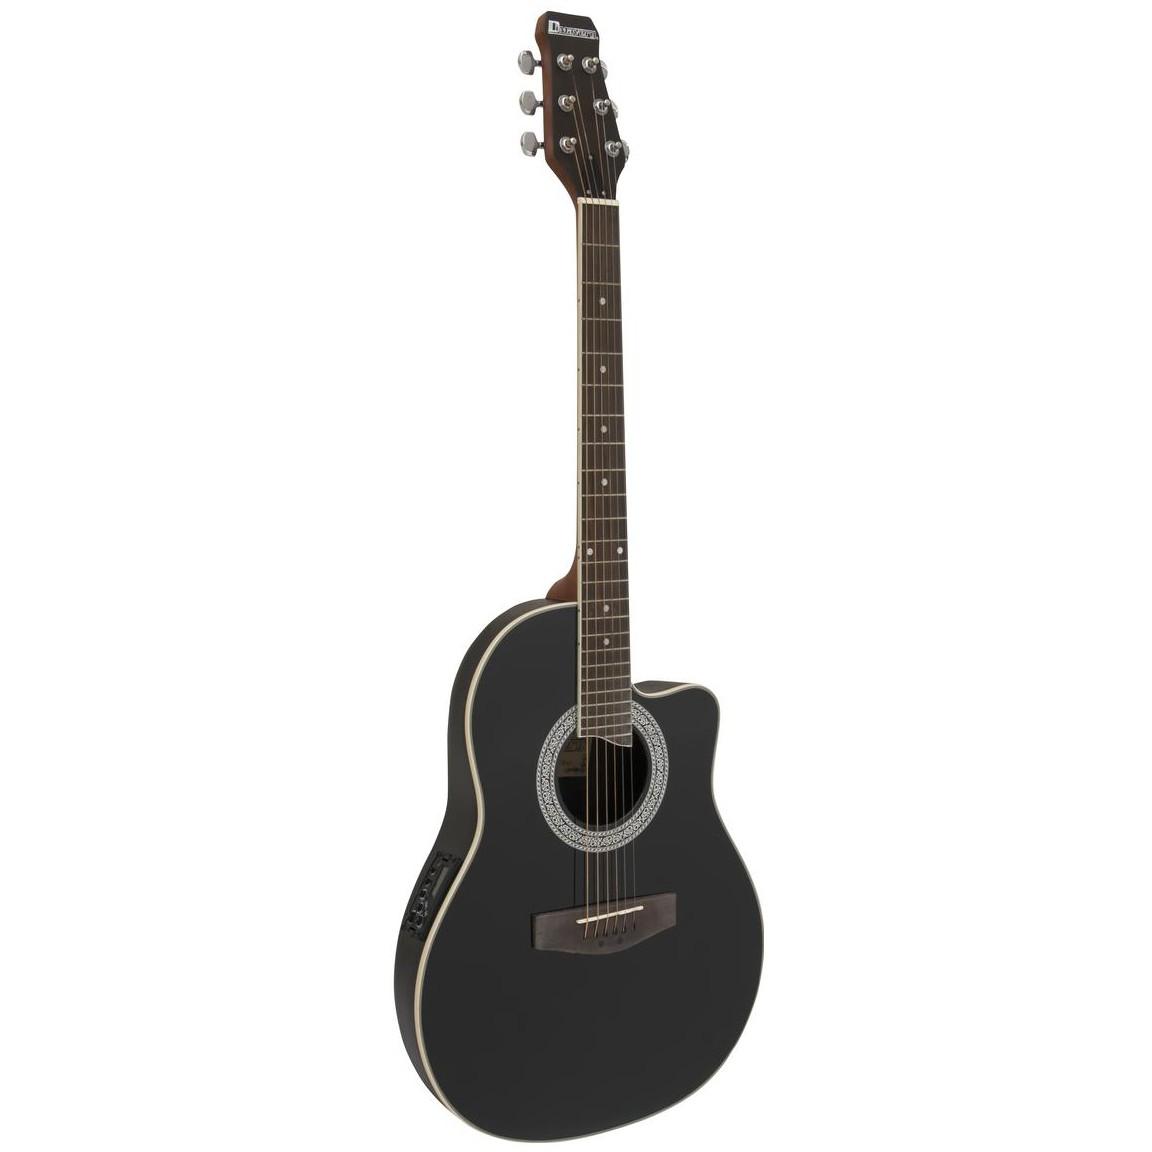 Dimavery RB-300, kytara elektroakustická typu Ovation, černá